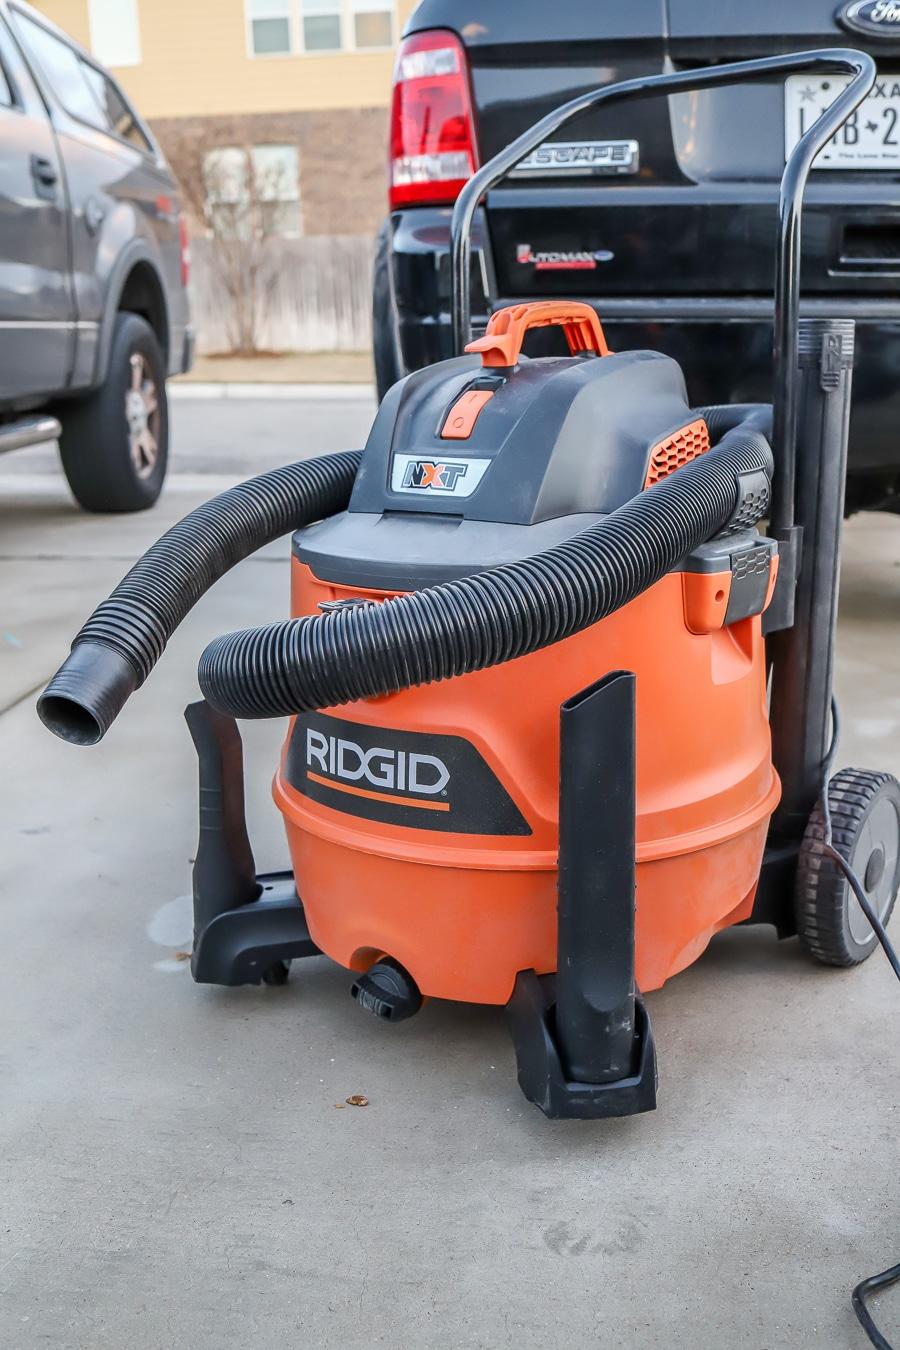 Shop Vac Vs Ridgid Vacuum